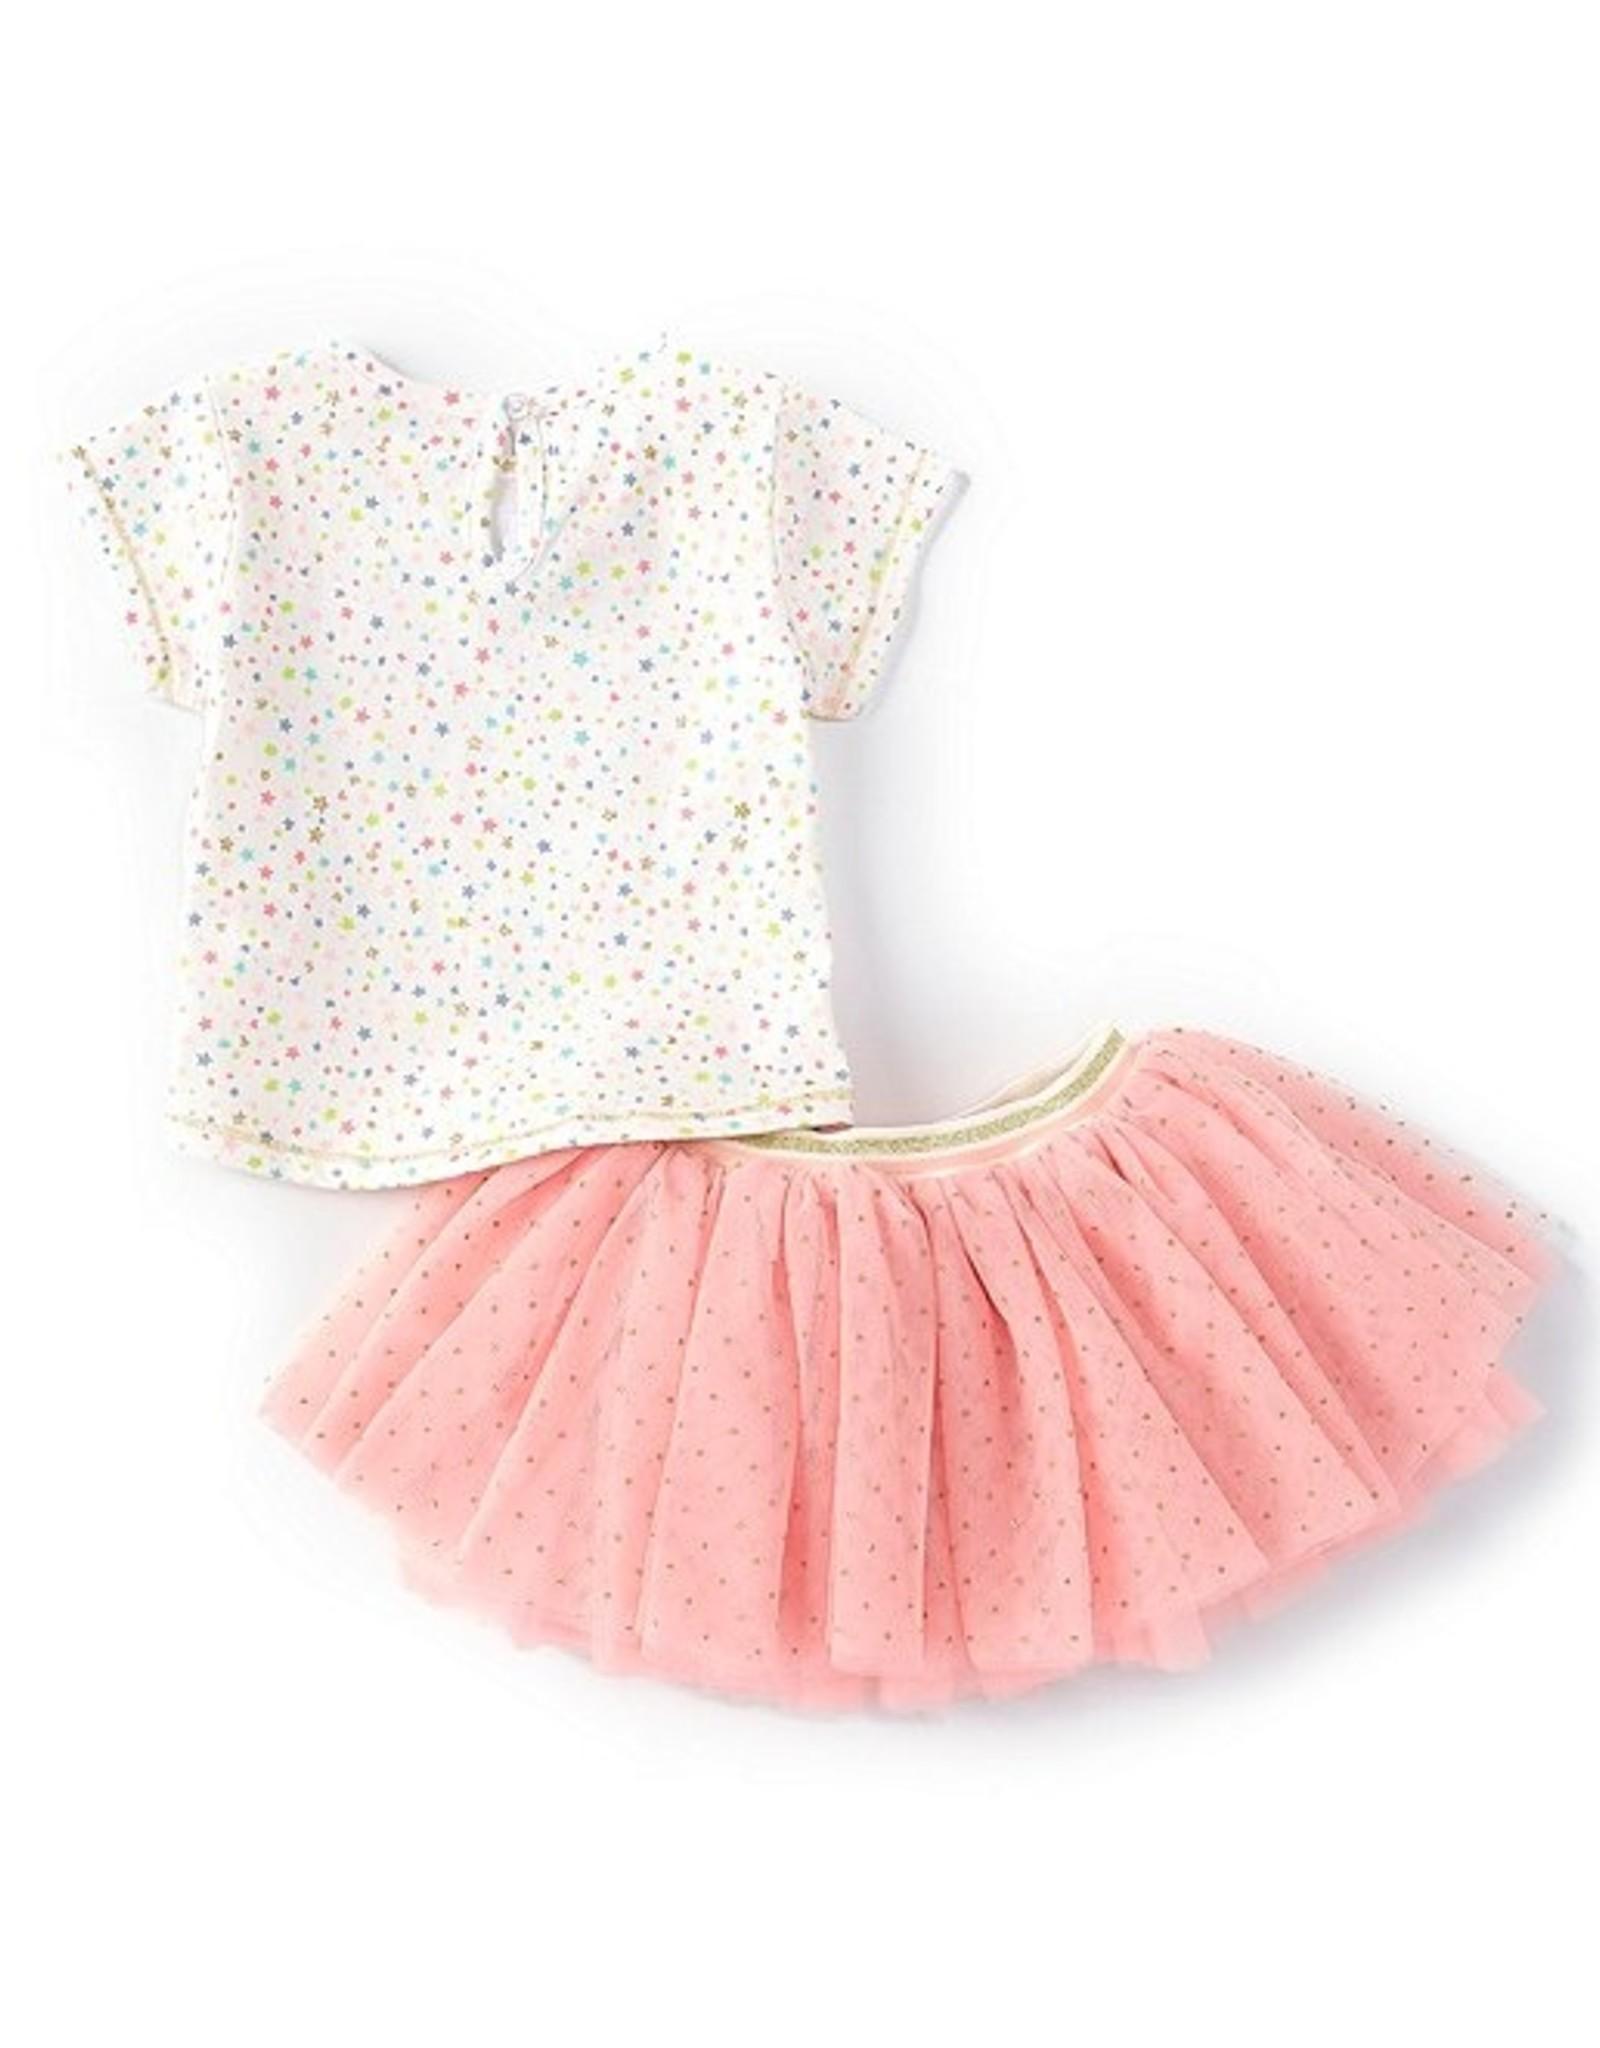 Mud Pie Tutu Pink w/ Gold Sparkle Dots 12-18 months